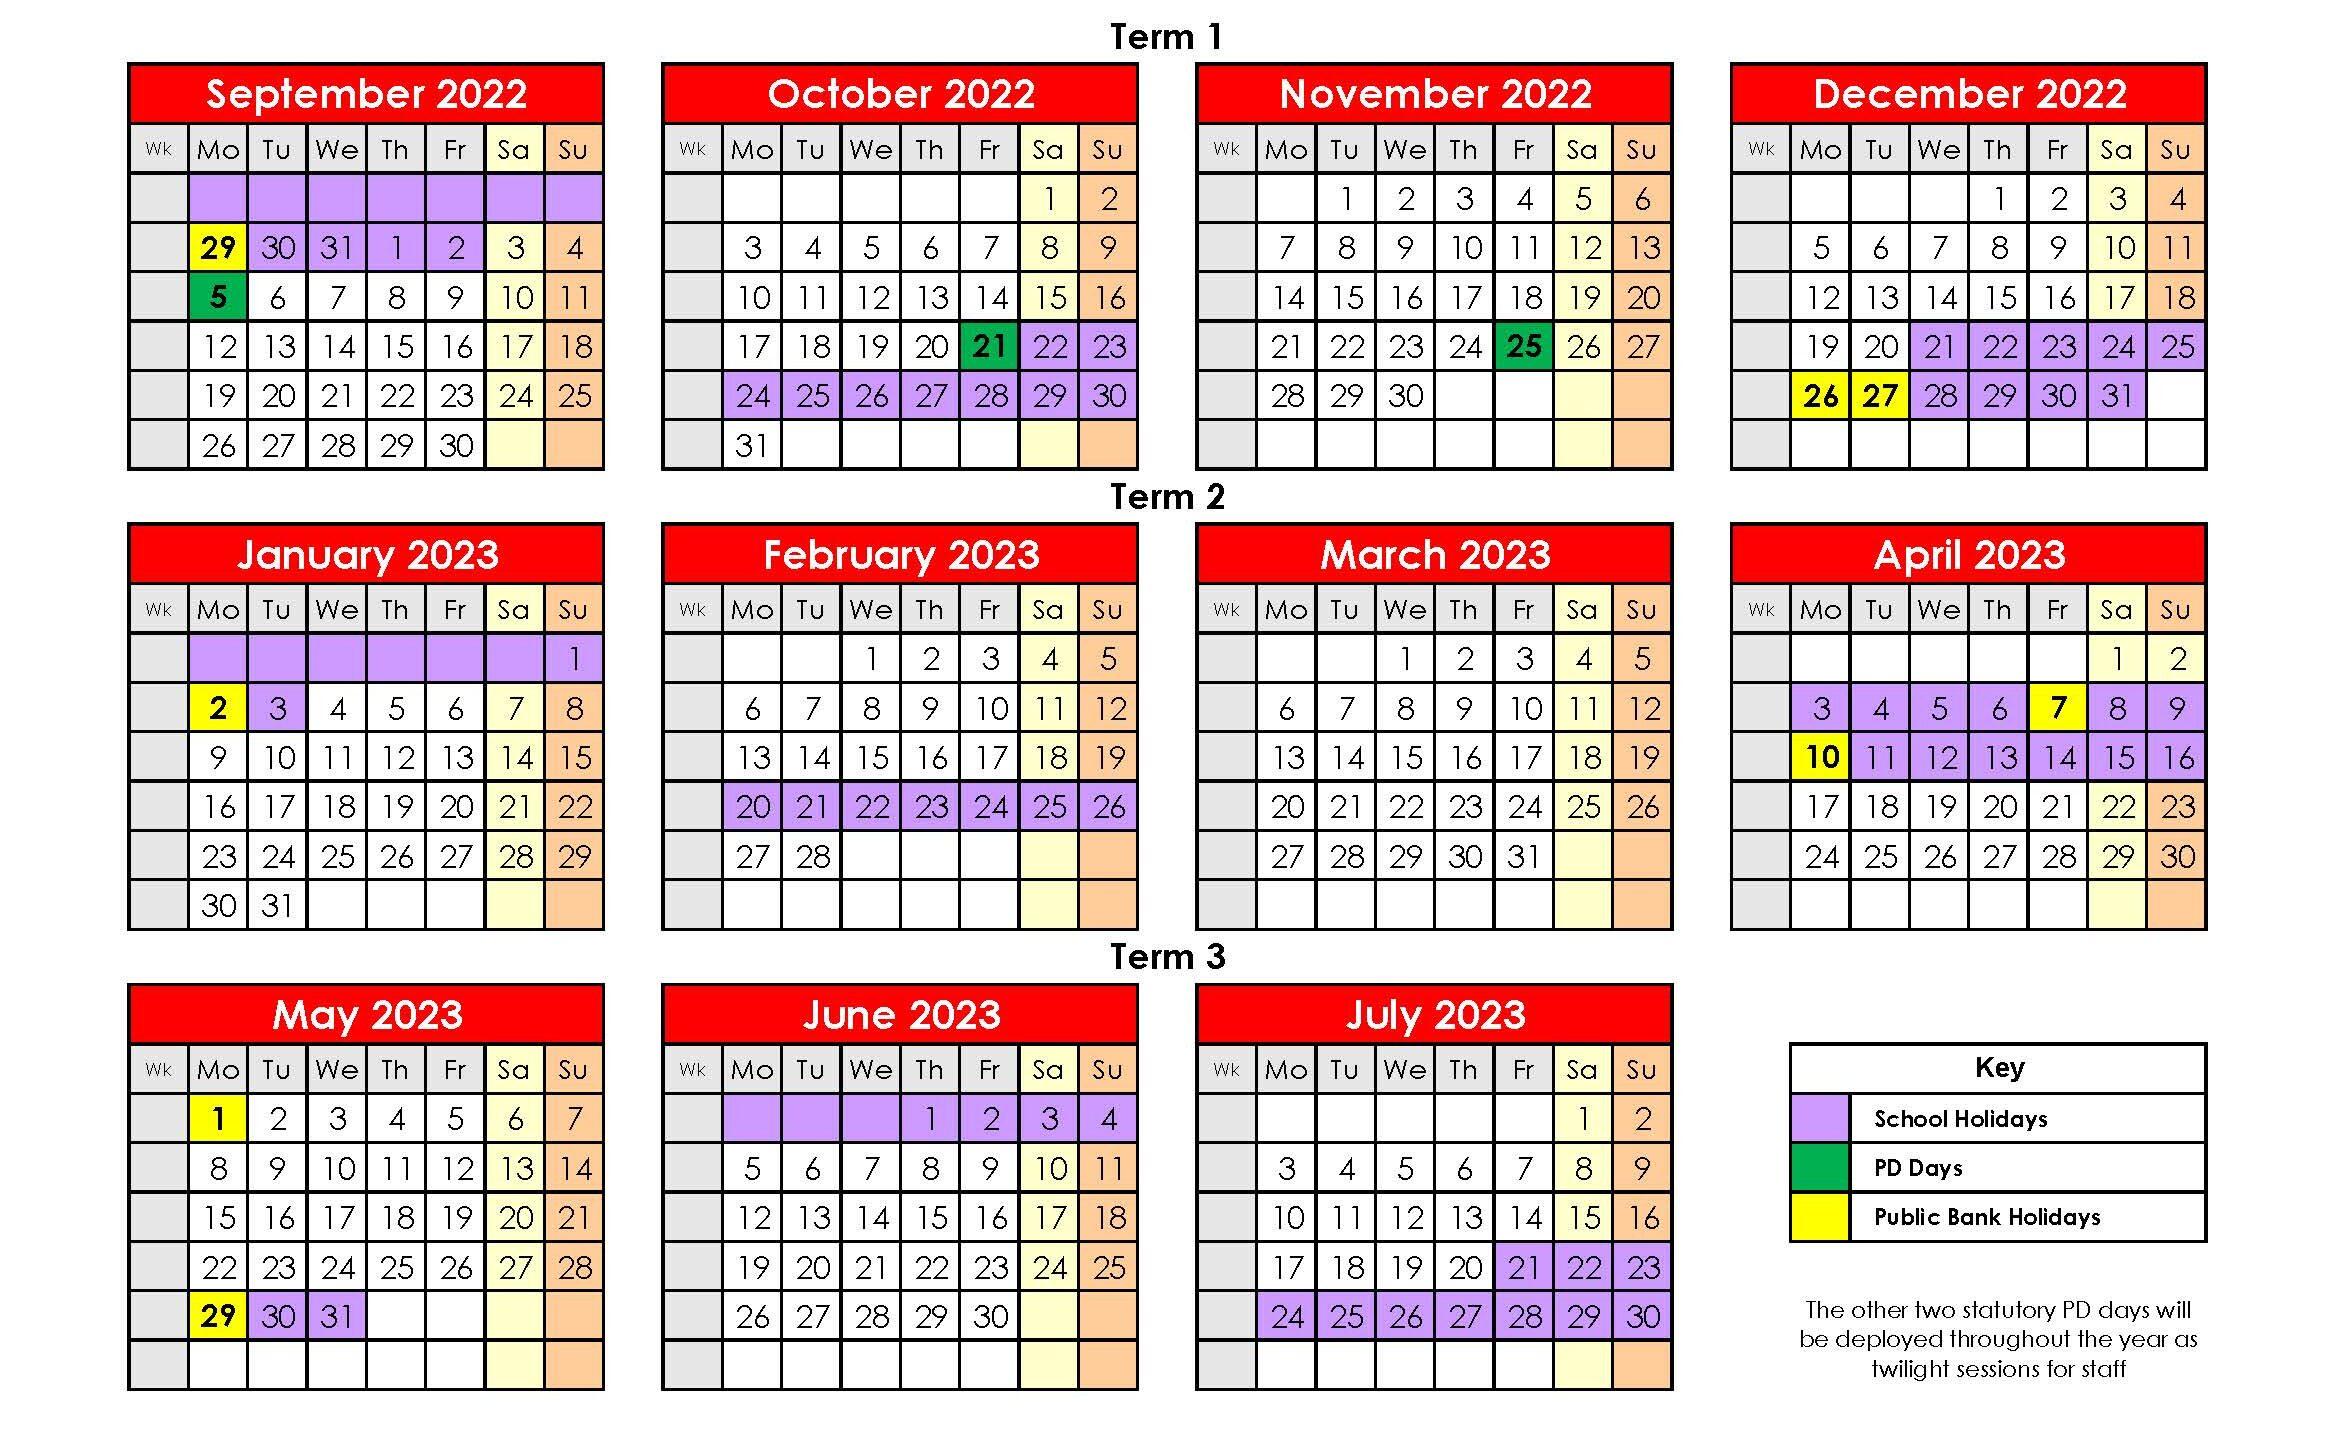 2022-2023 Holidays